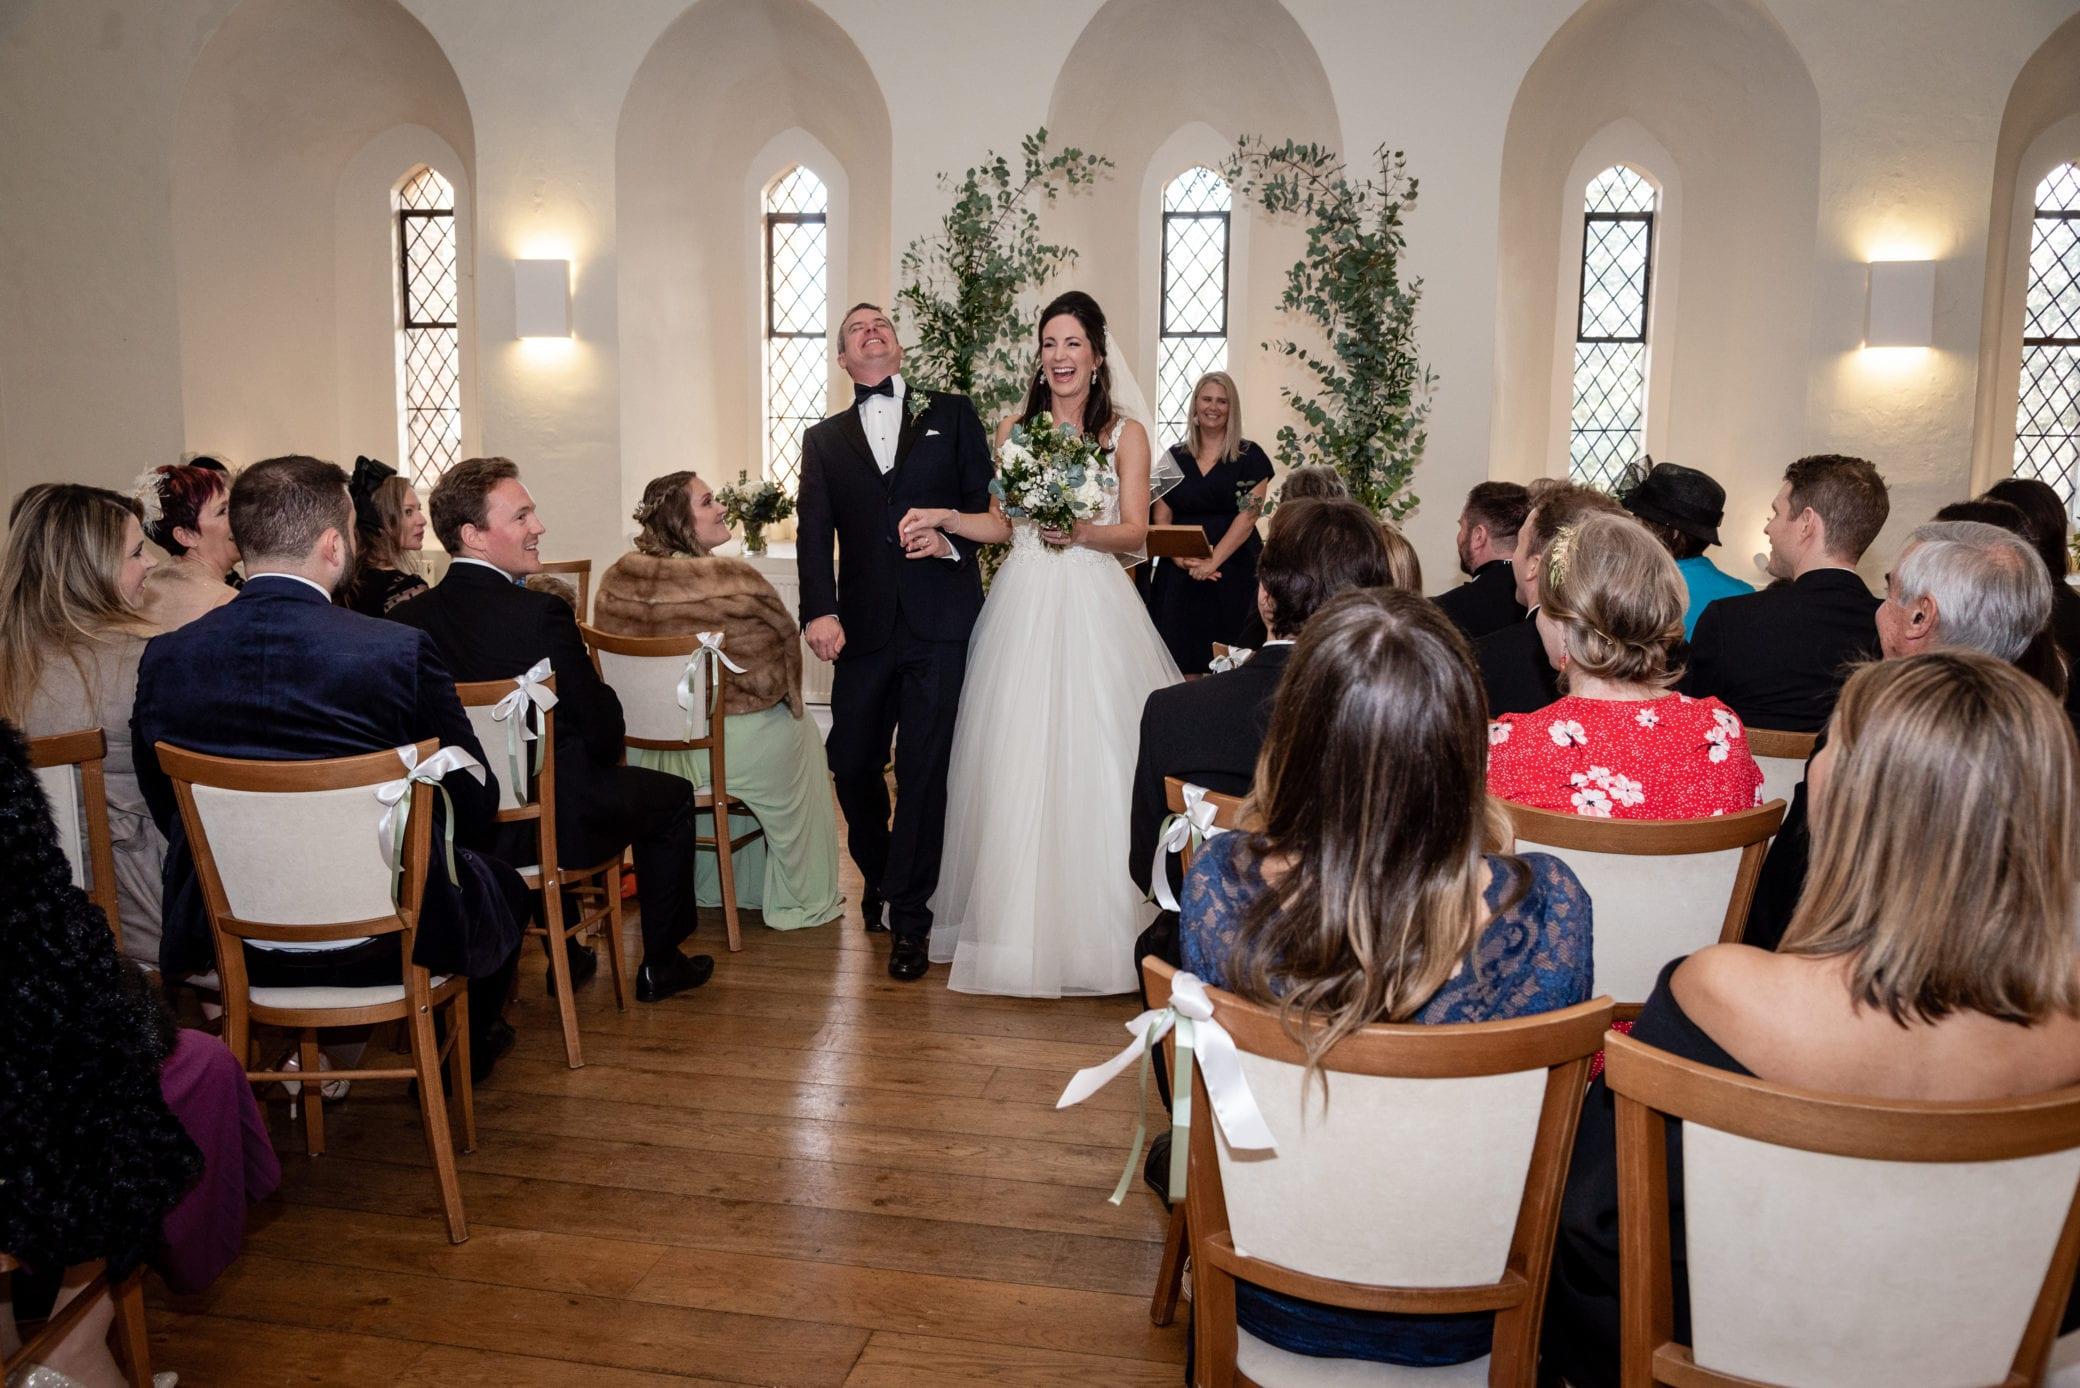 Wedding ceremonies at Farnham Castle